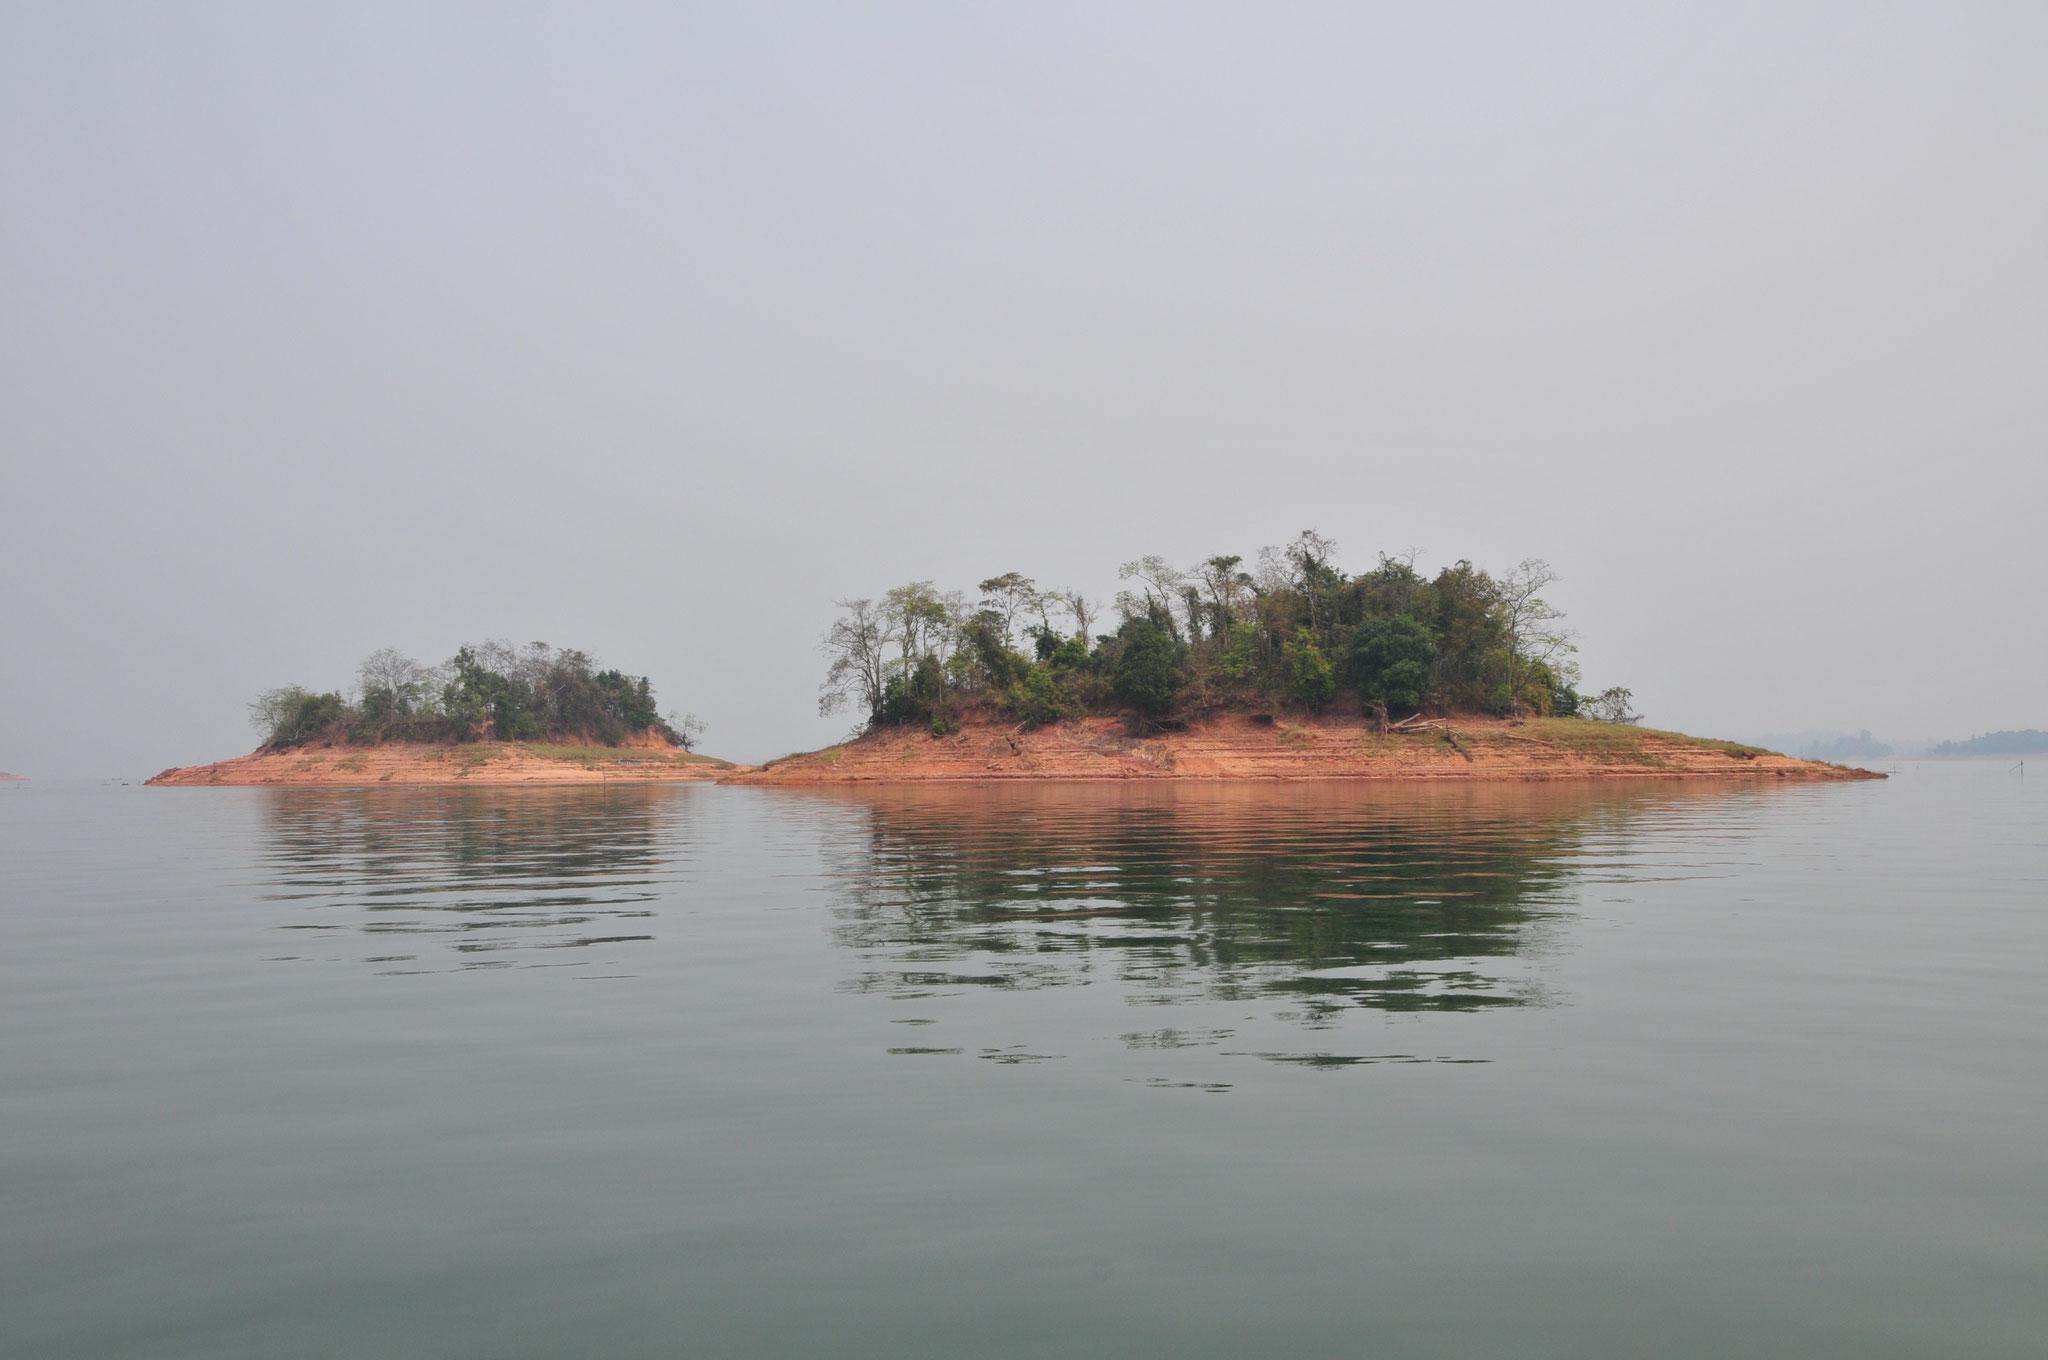 Der Stausee ist riesig und beherbergt mehrere Inseln, u.a. auch für ein Gefängnis